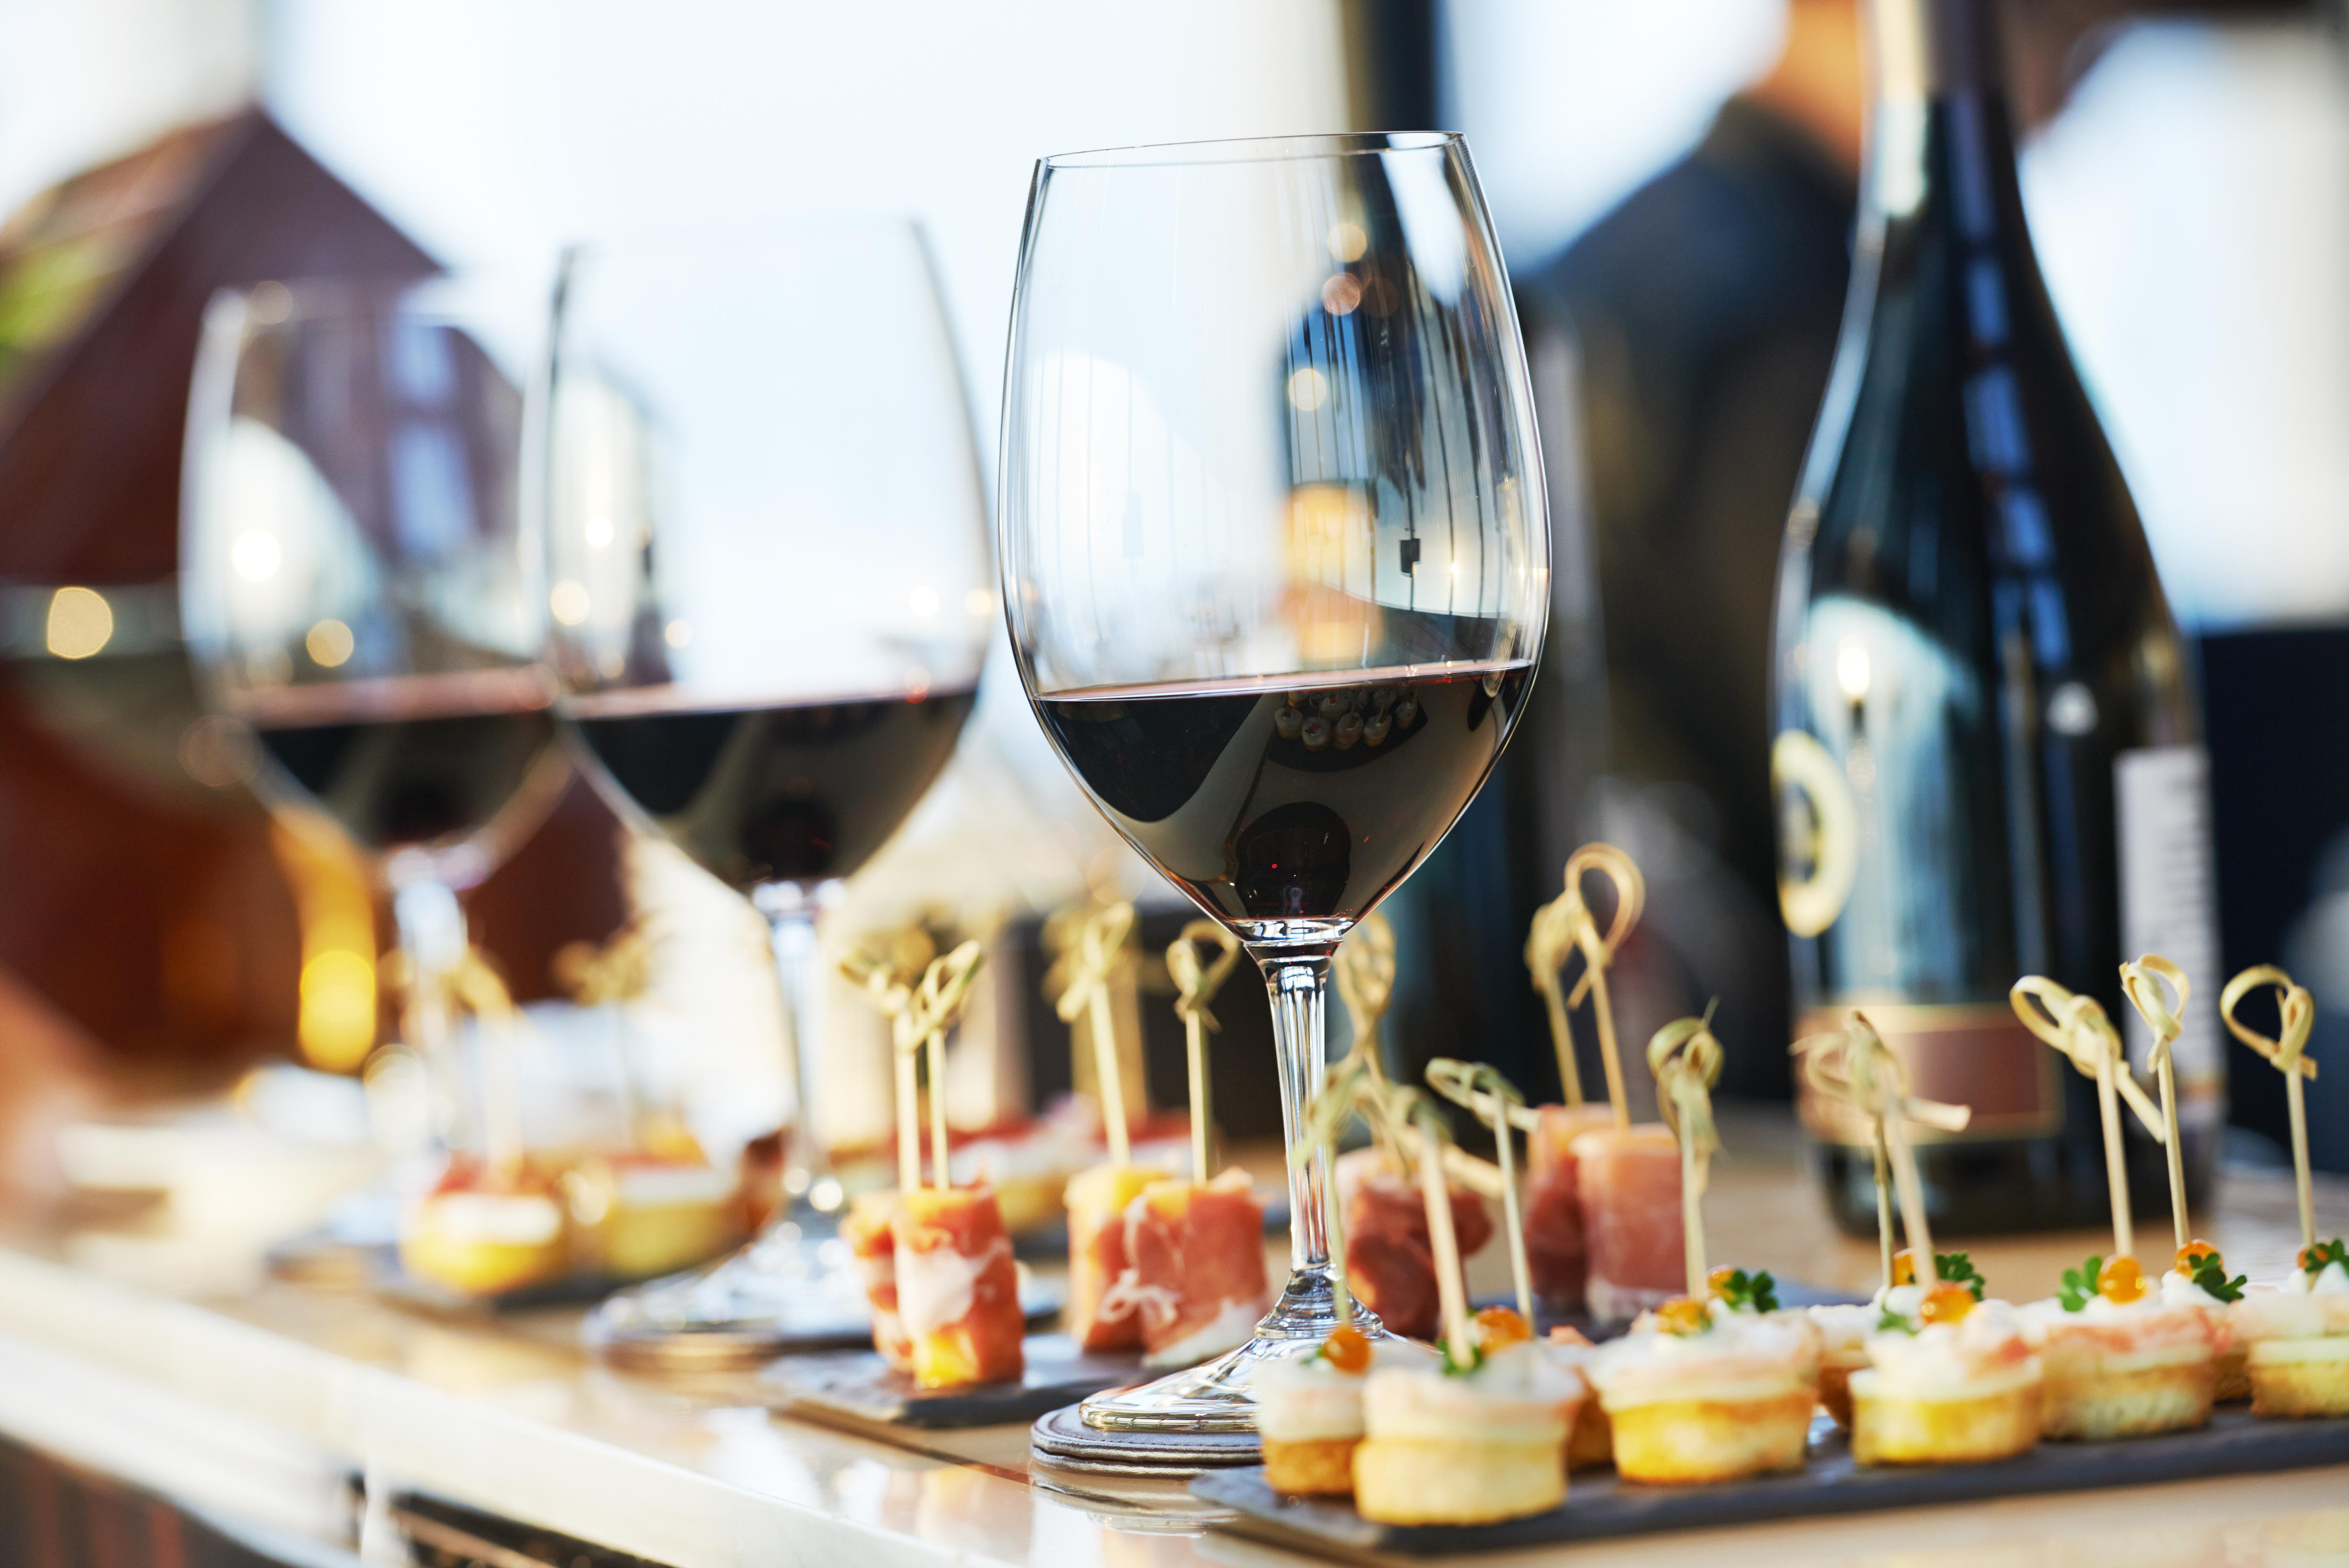 Wino na wesele - dlaczego nie warto na nim oszczędzać?